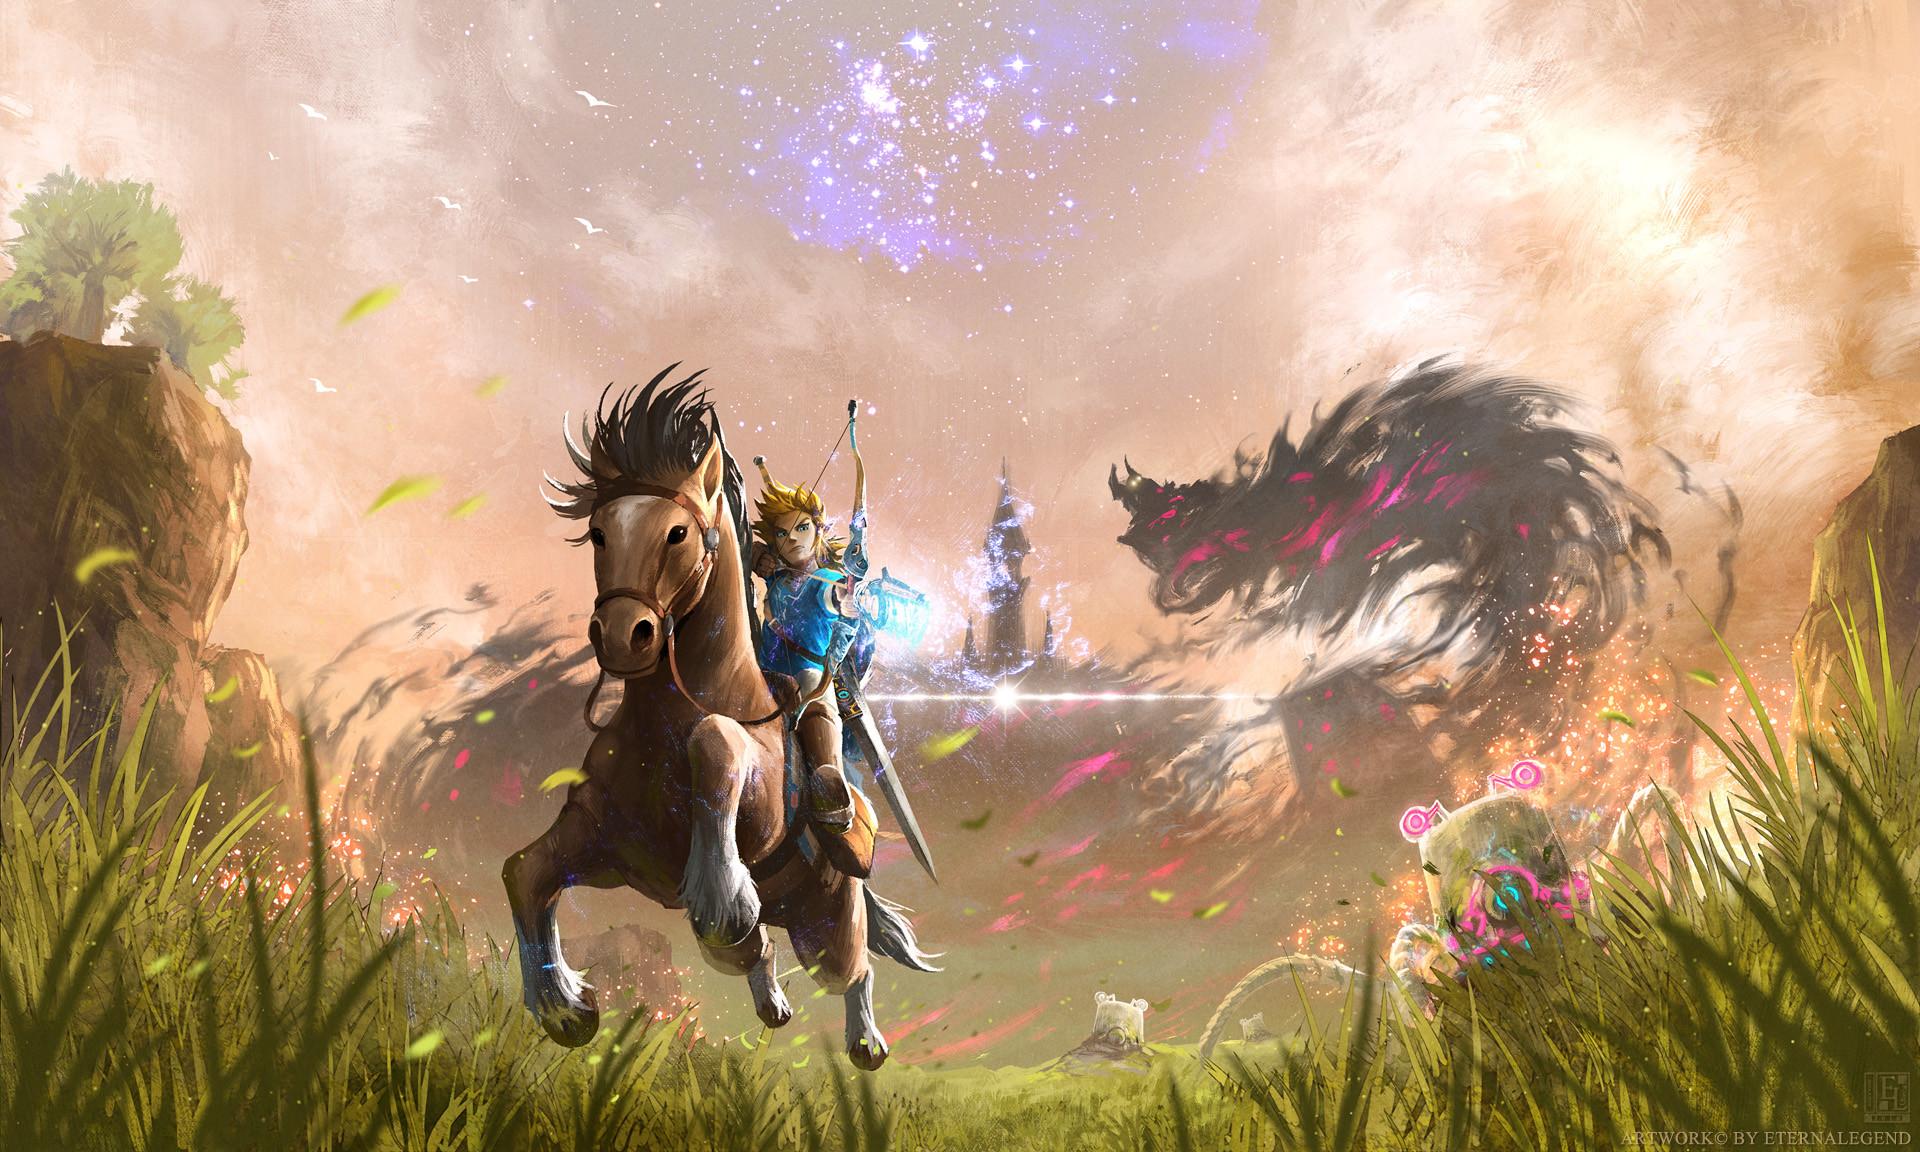 The Legend Of Zelda Art 2048×1152 Resolution